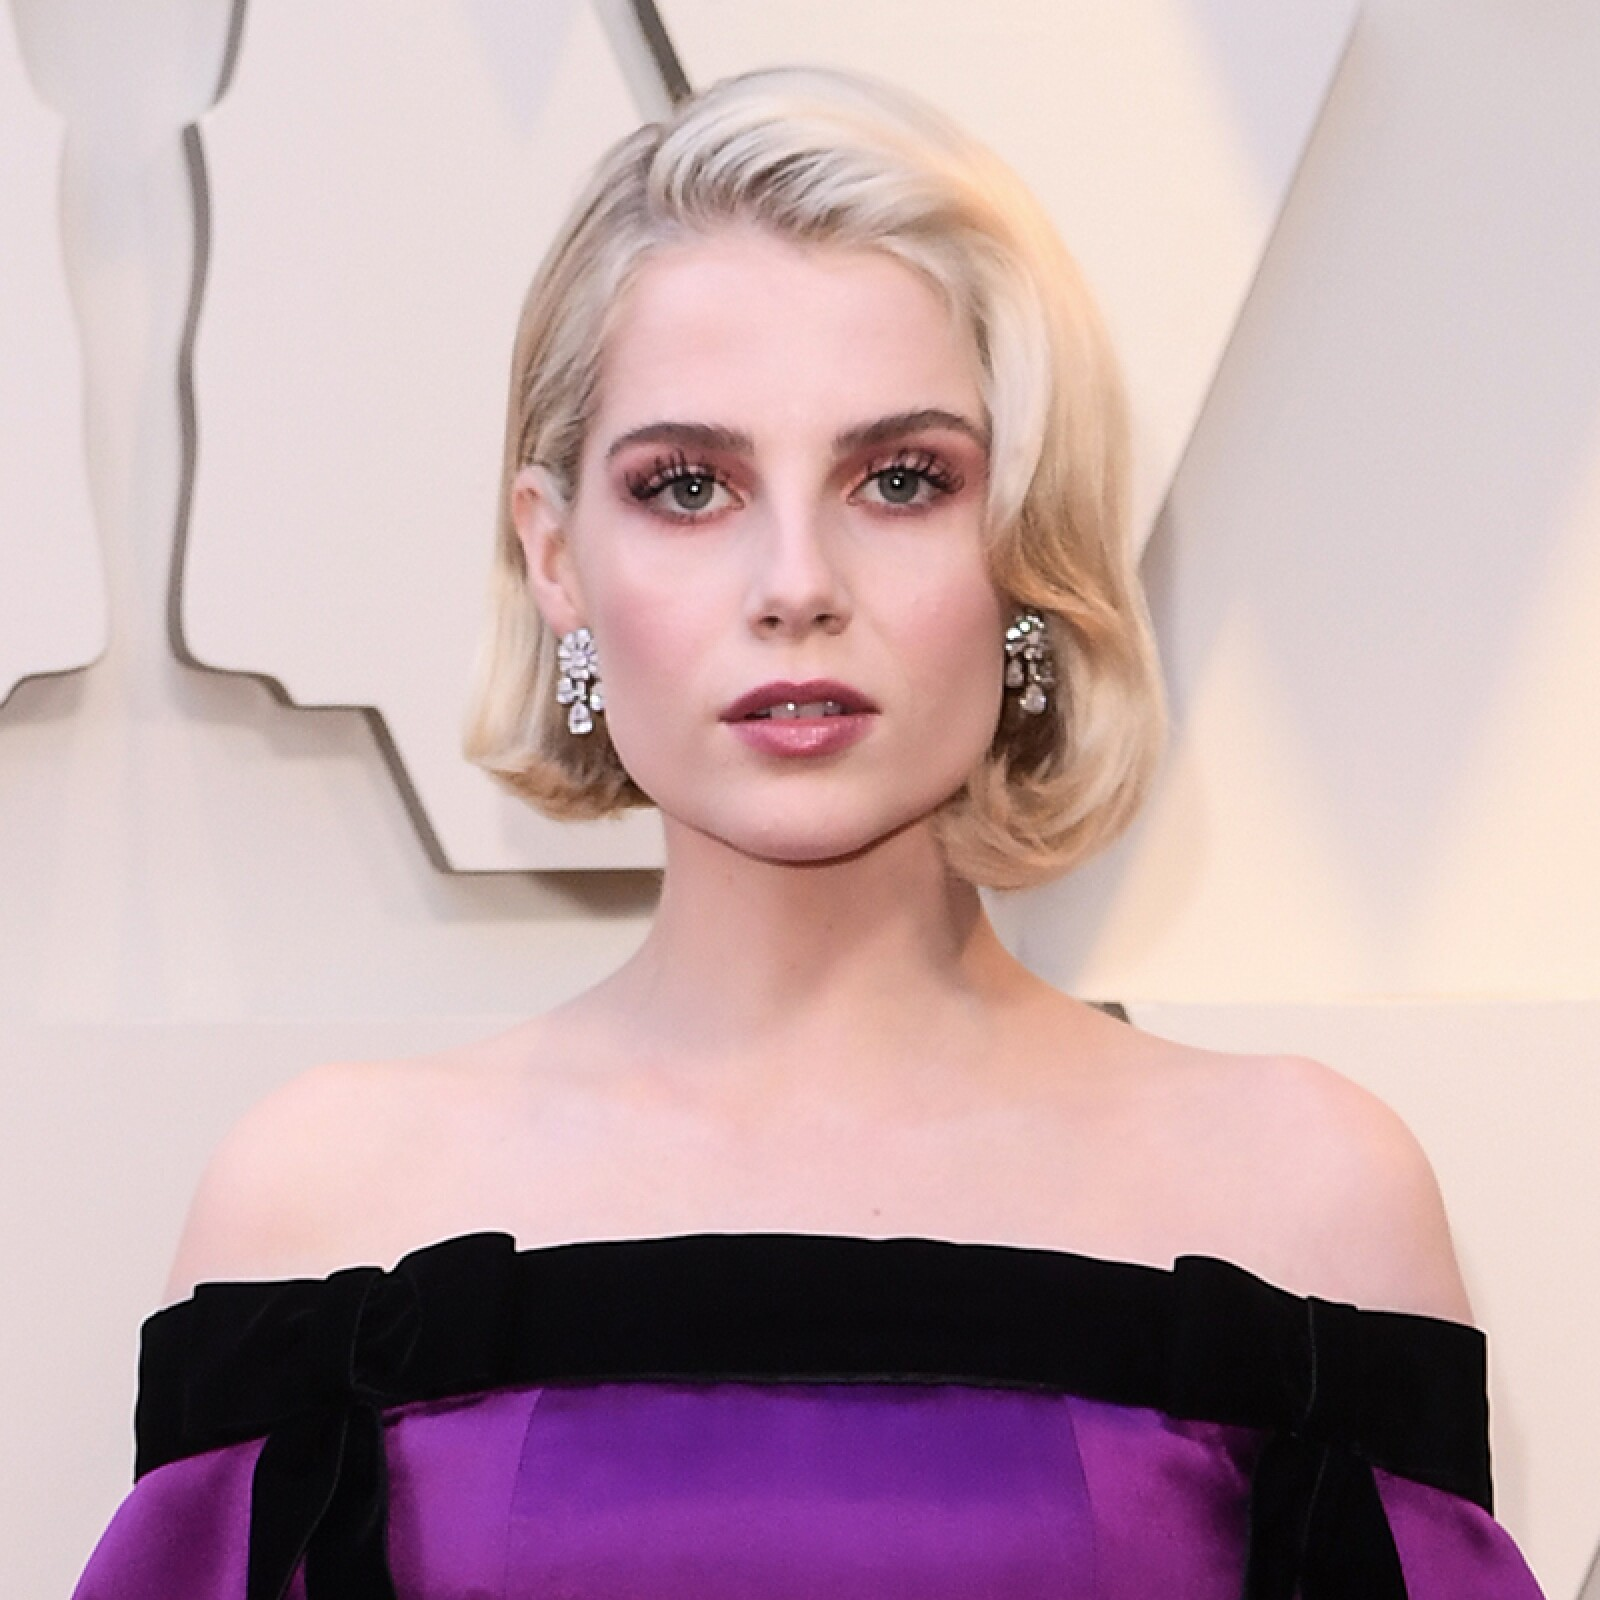 oscares-oscar-beauty-looks-alfombra-roja-academy-awards-Lucy-Boynton.